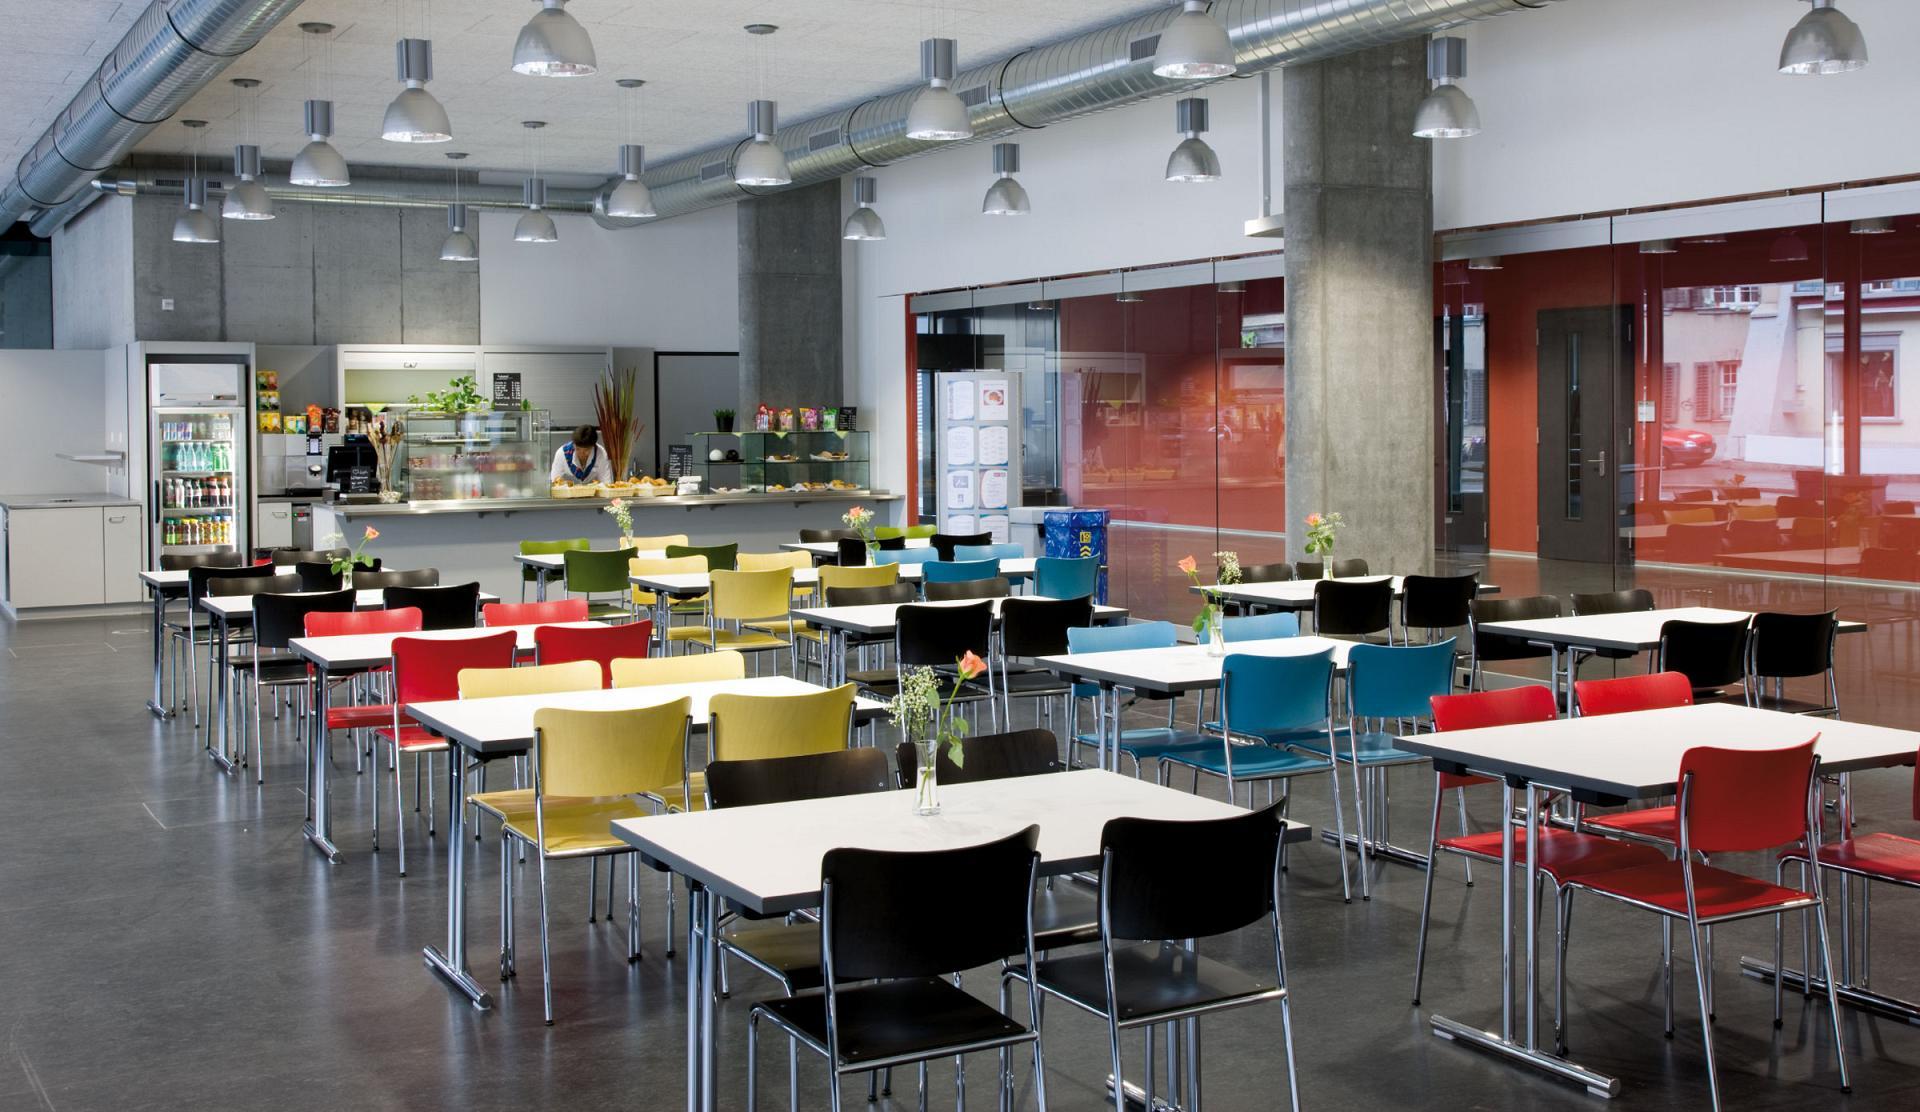 Cafetarias and auditorium